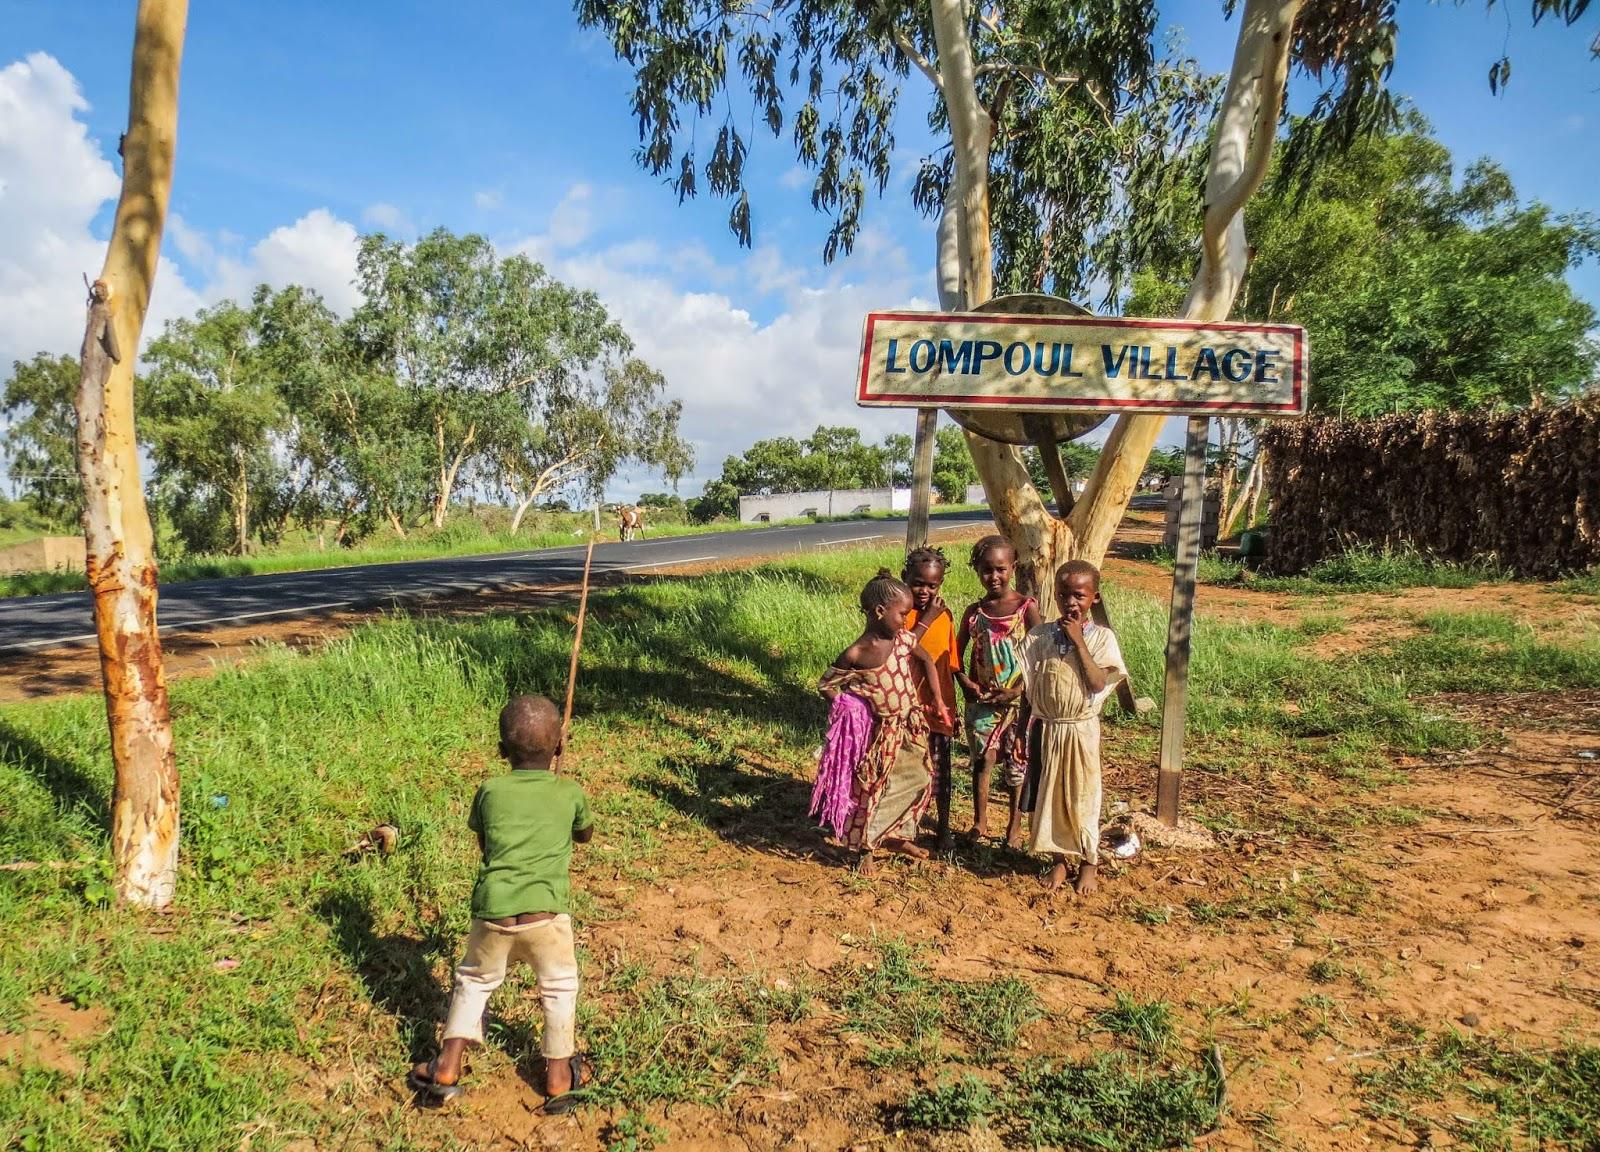 lompoul village